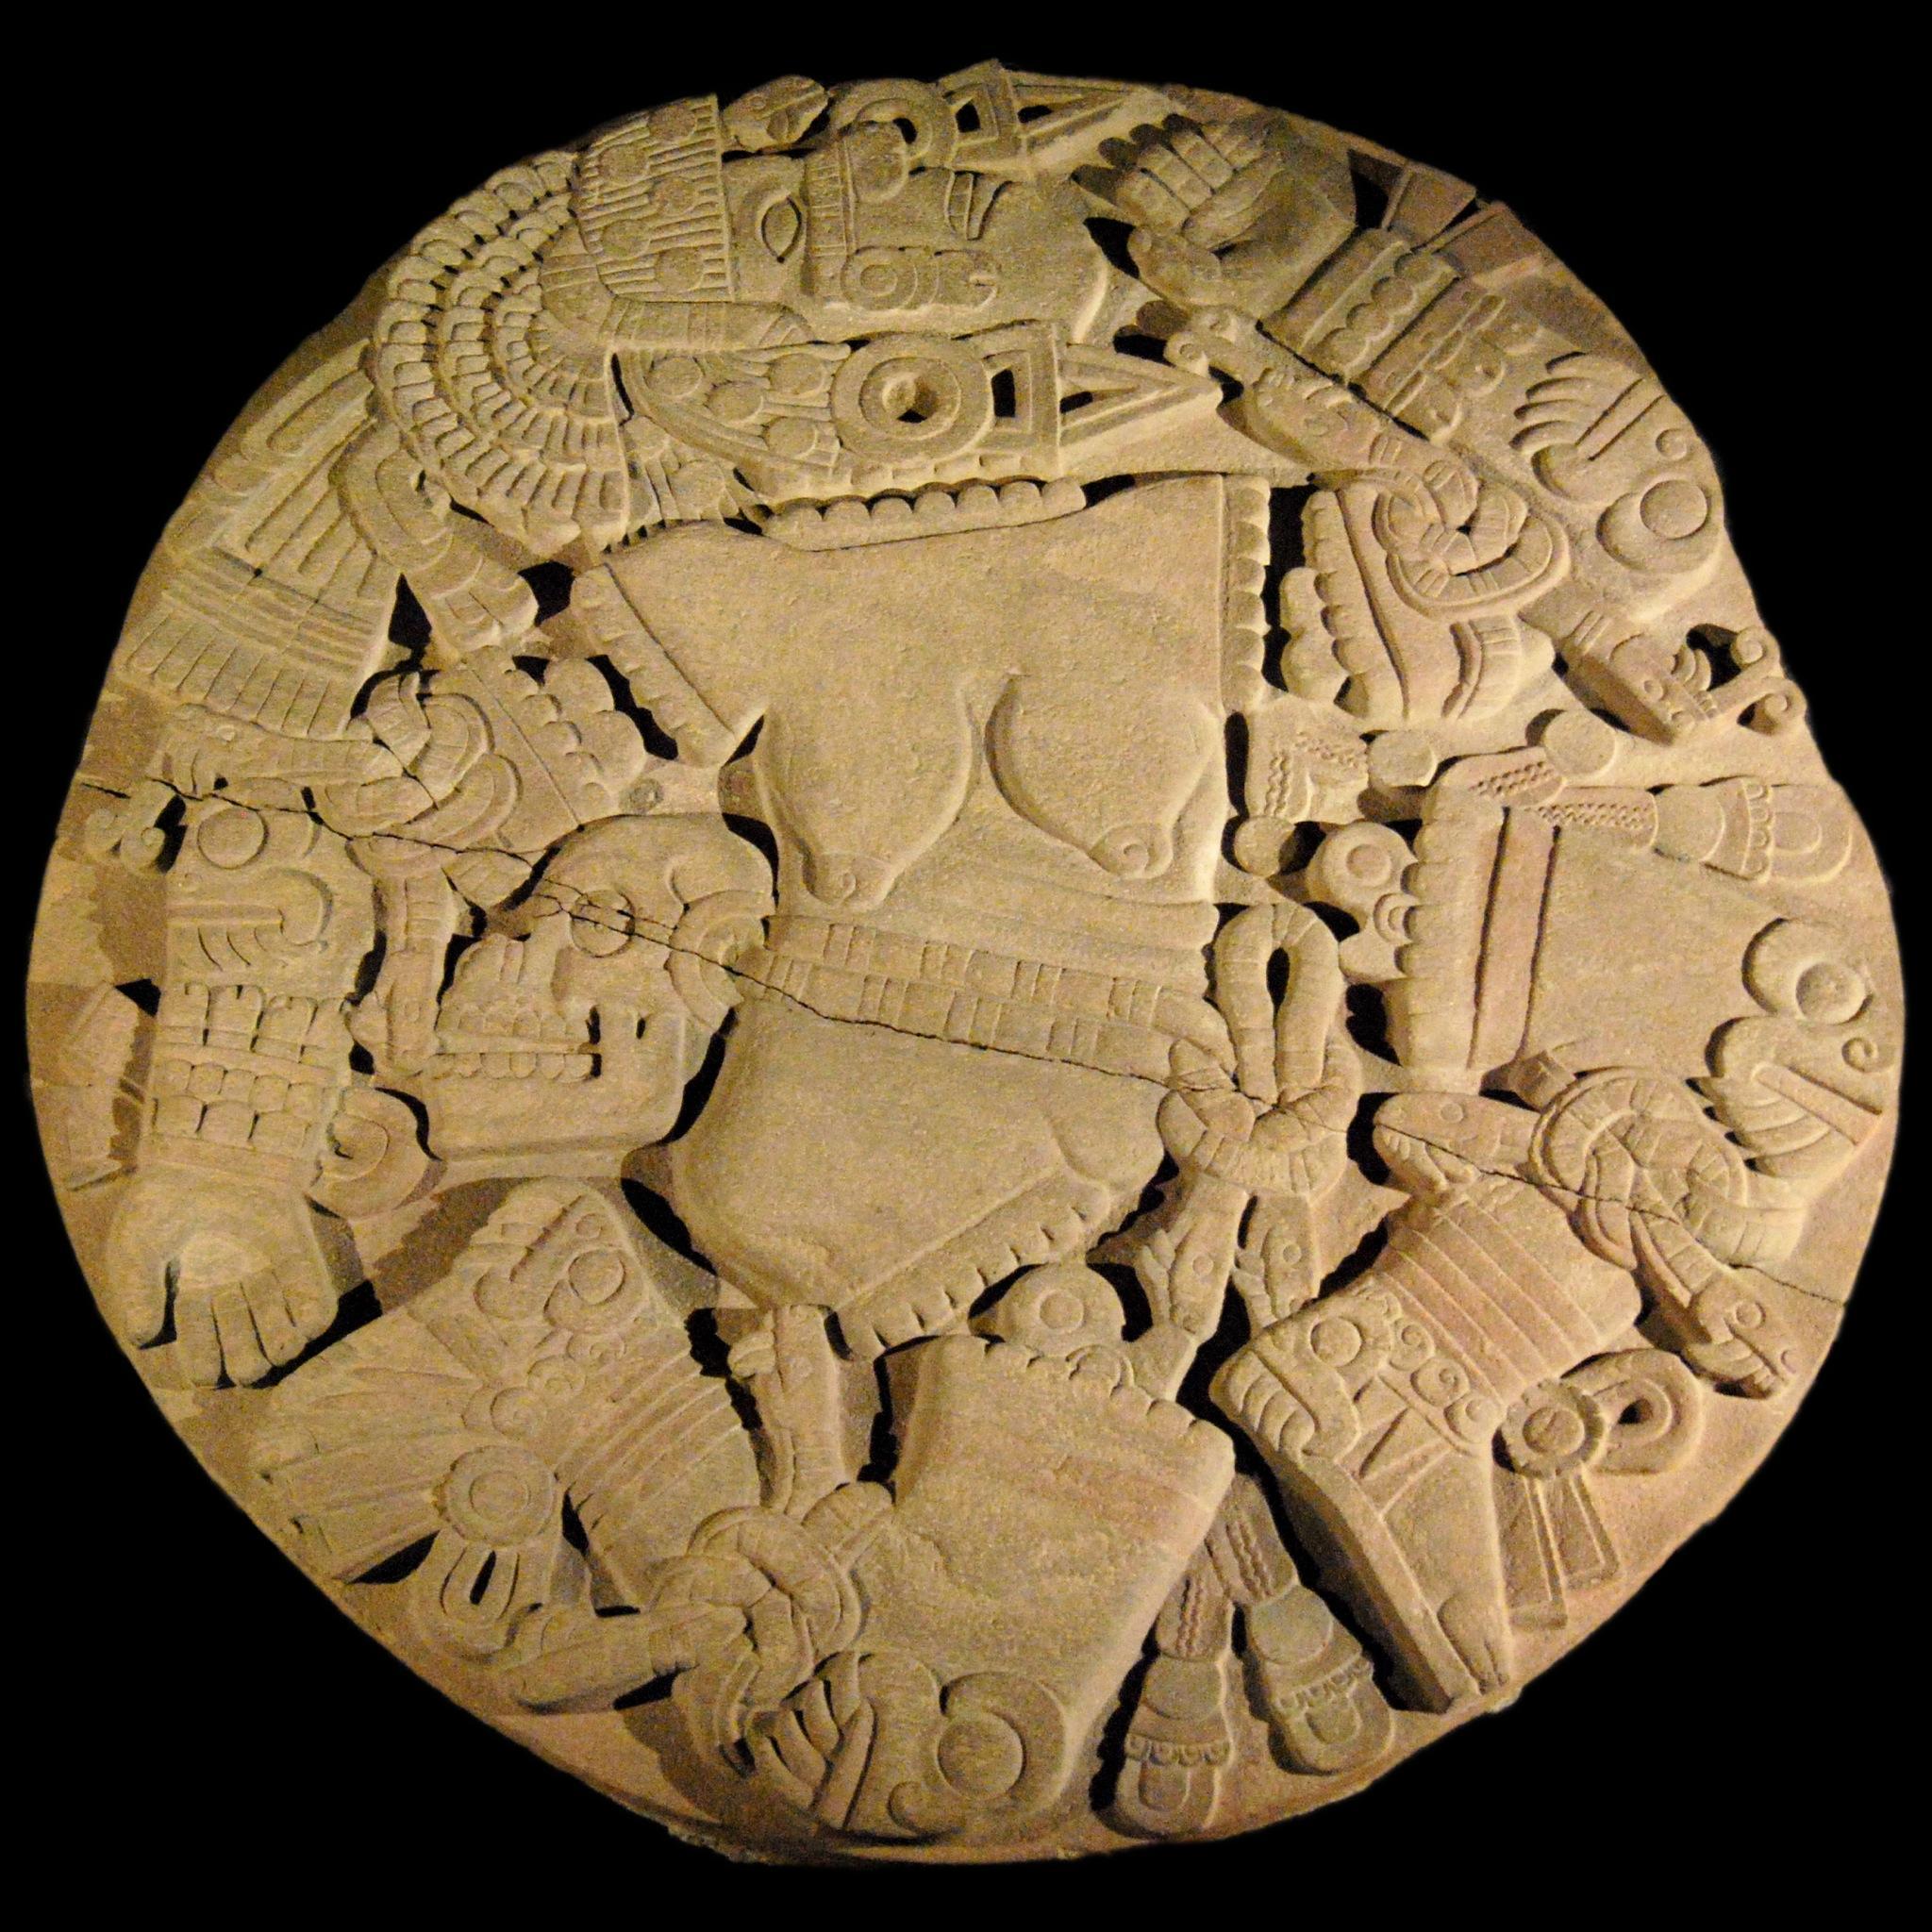 Le monolithe de Coyolxauhqui, trouvé dans l'enceinte du Templo Mayor